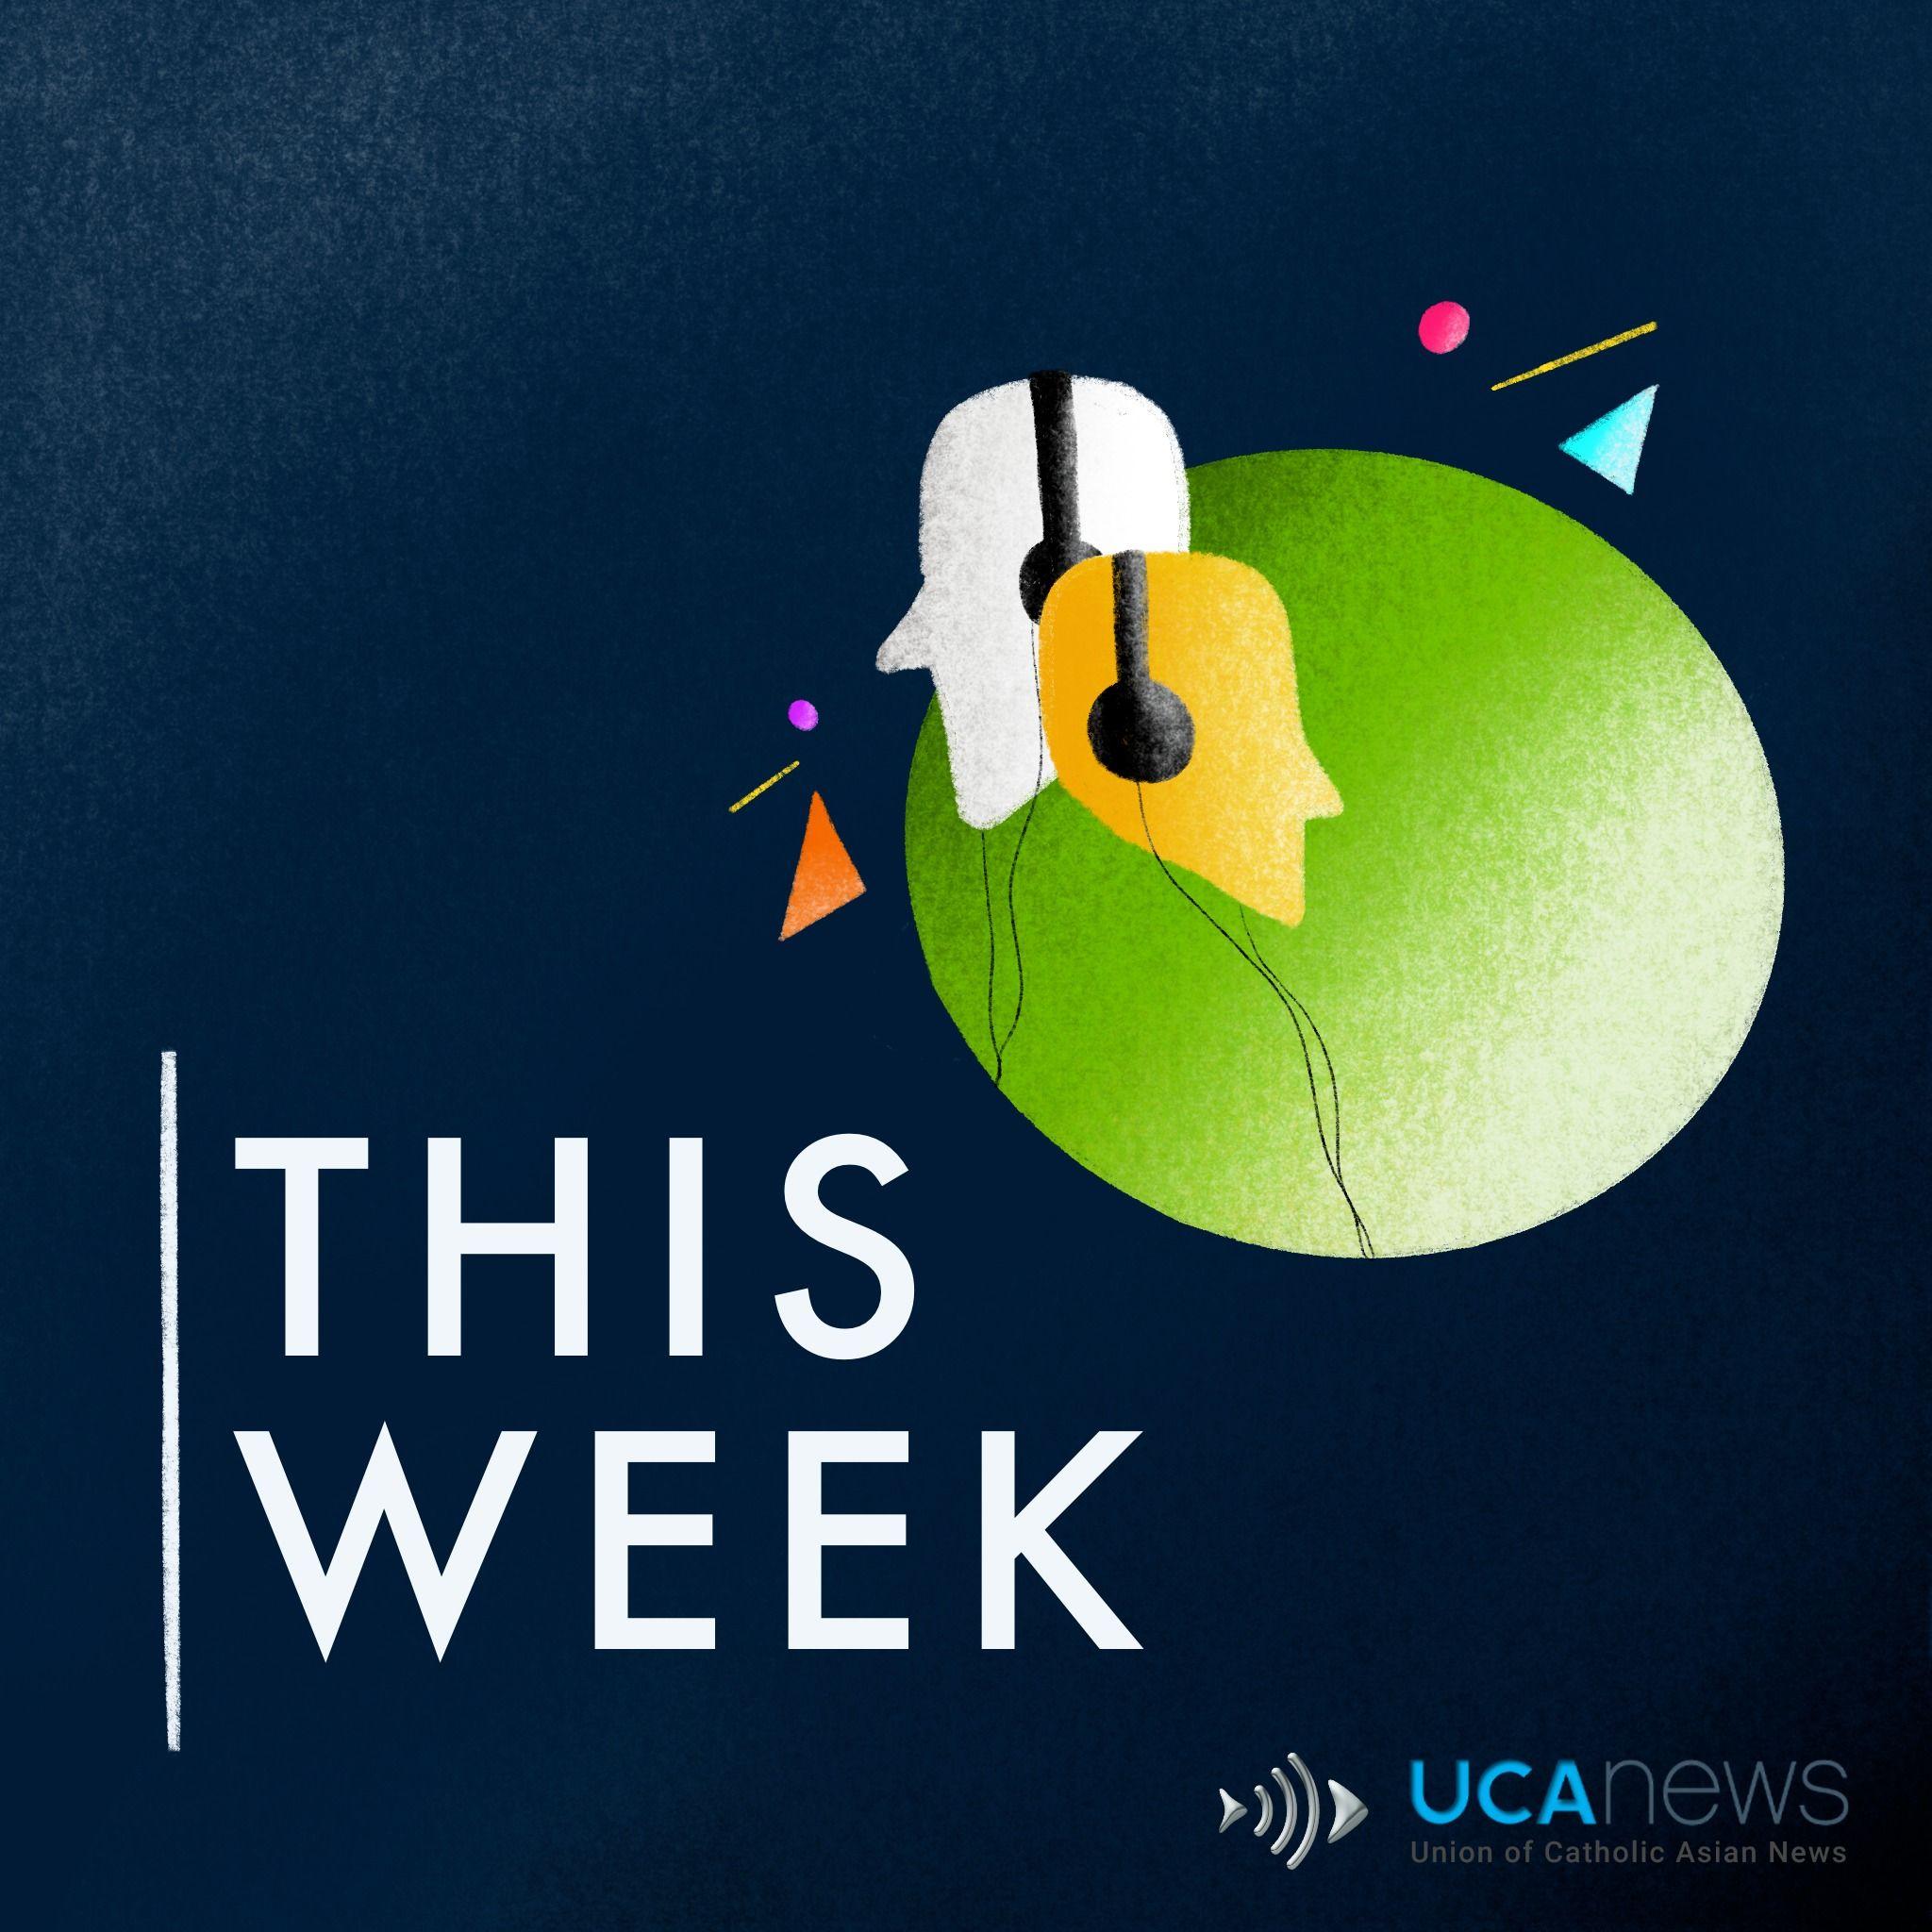 UCA News Weekly Summary, March 5, 2021